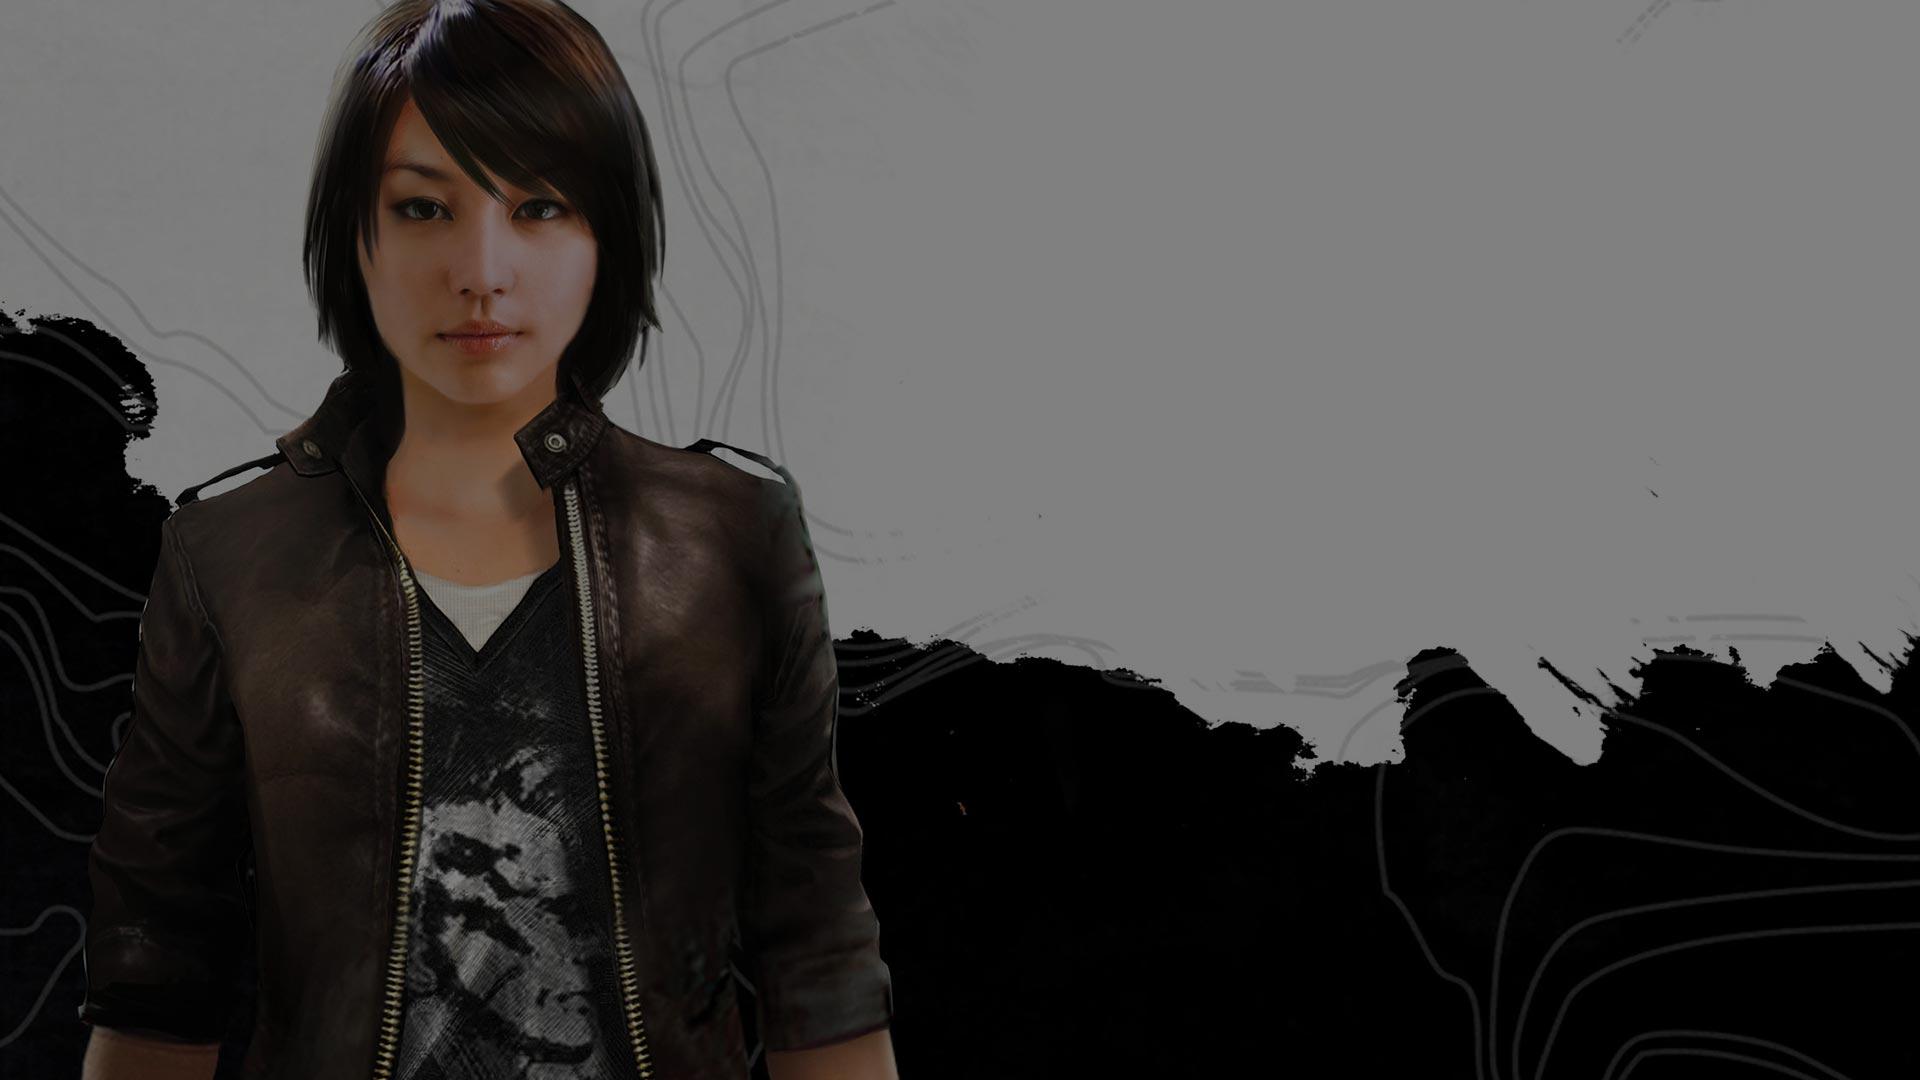 Samantha Nishimura